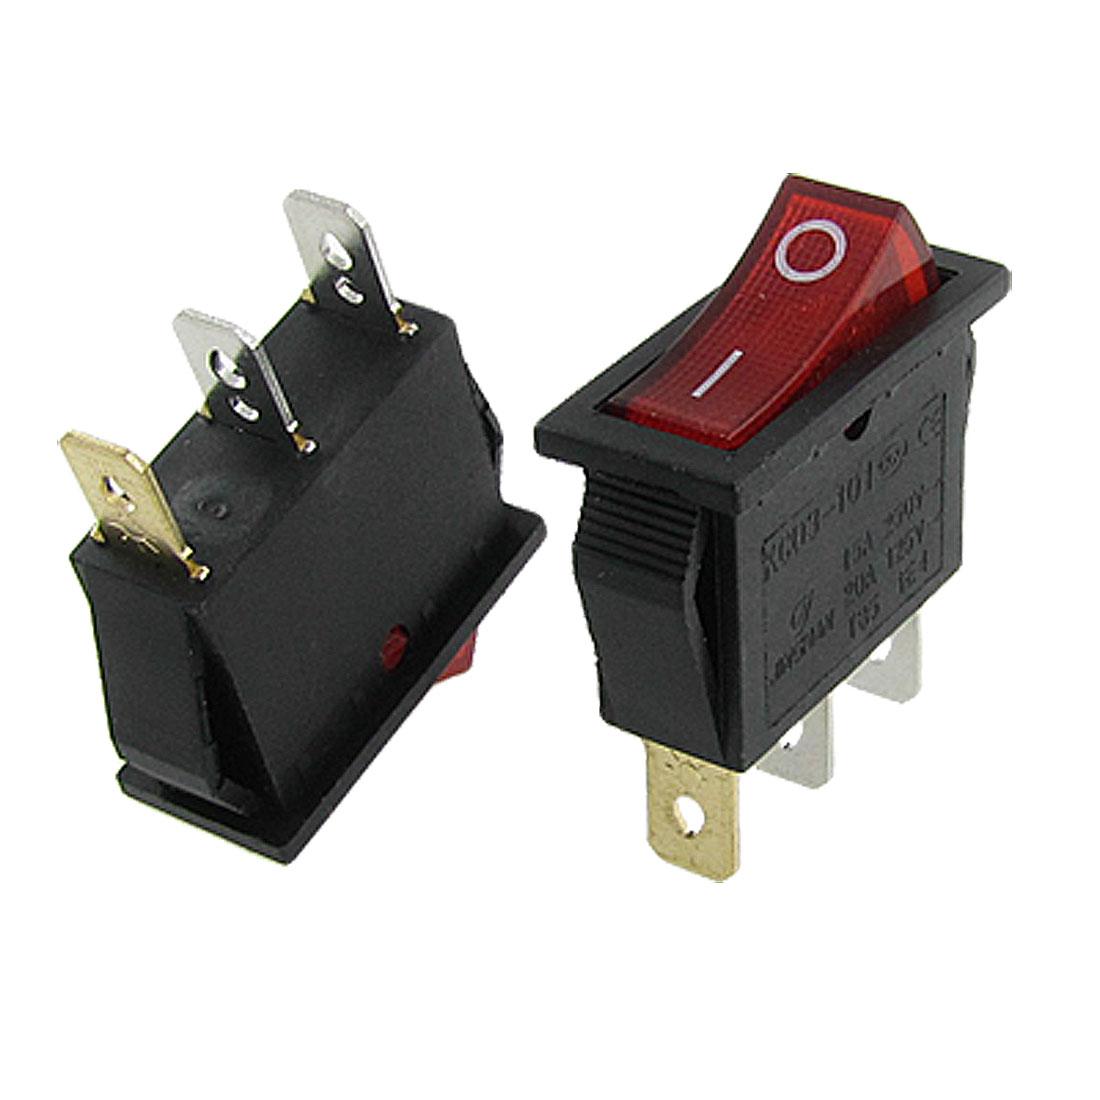 10pcs Red Light ON/OFF SPST Snap in Boat Rocker Switch 3Pin 15A/250V 20A/125V AC